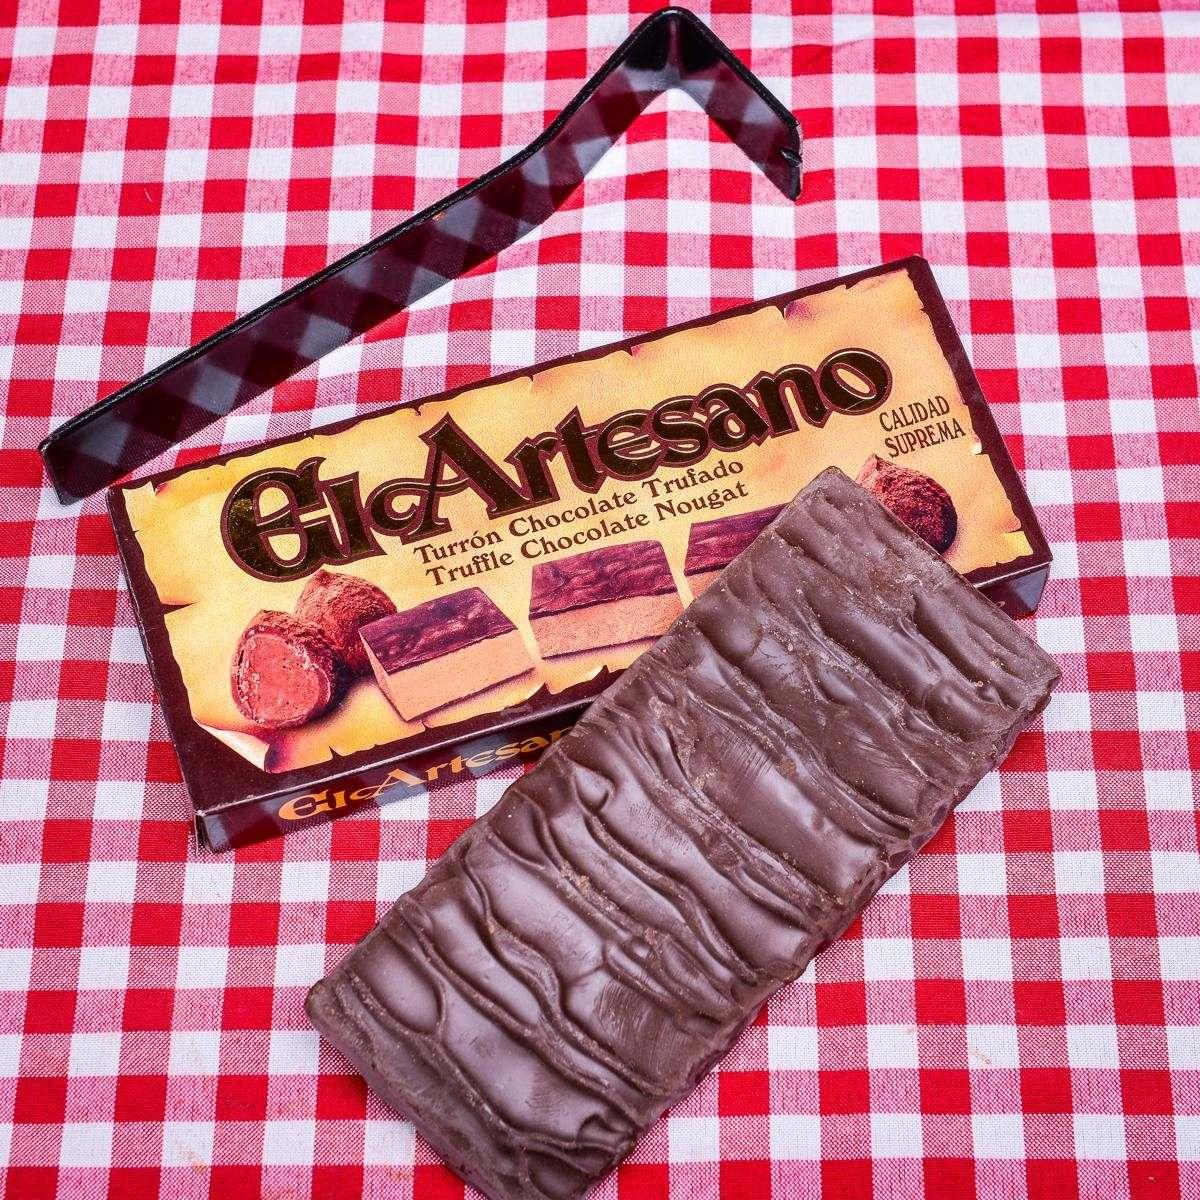 cokoladovy turon s krupavym nugatem el artesano 200g.JPG